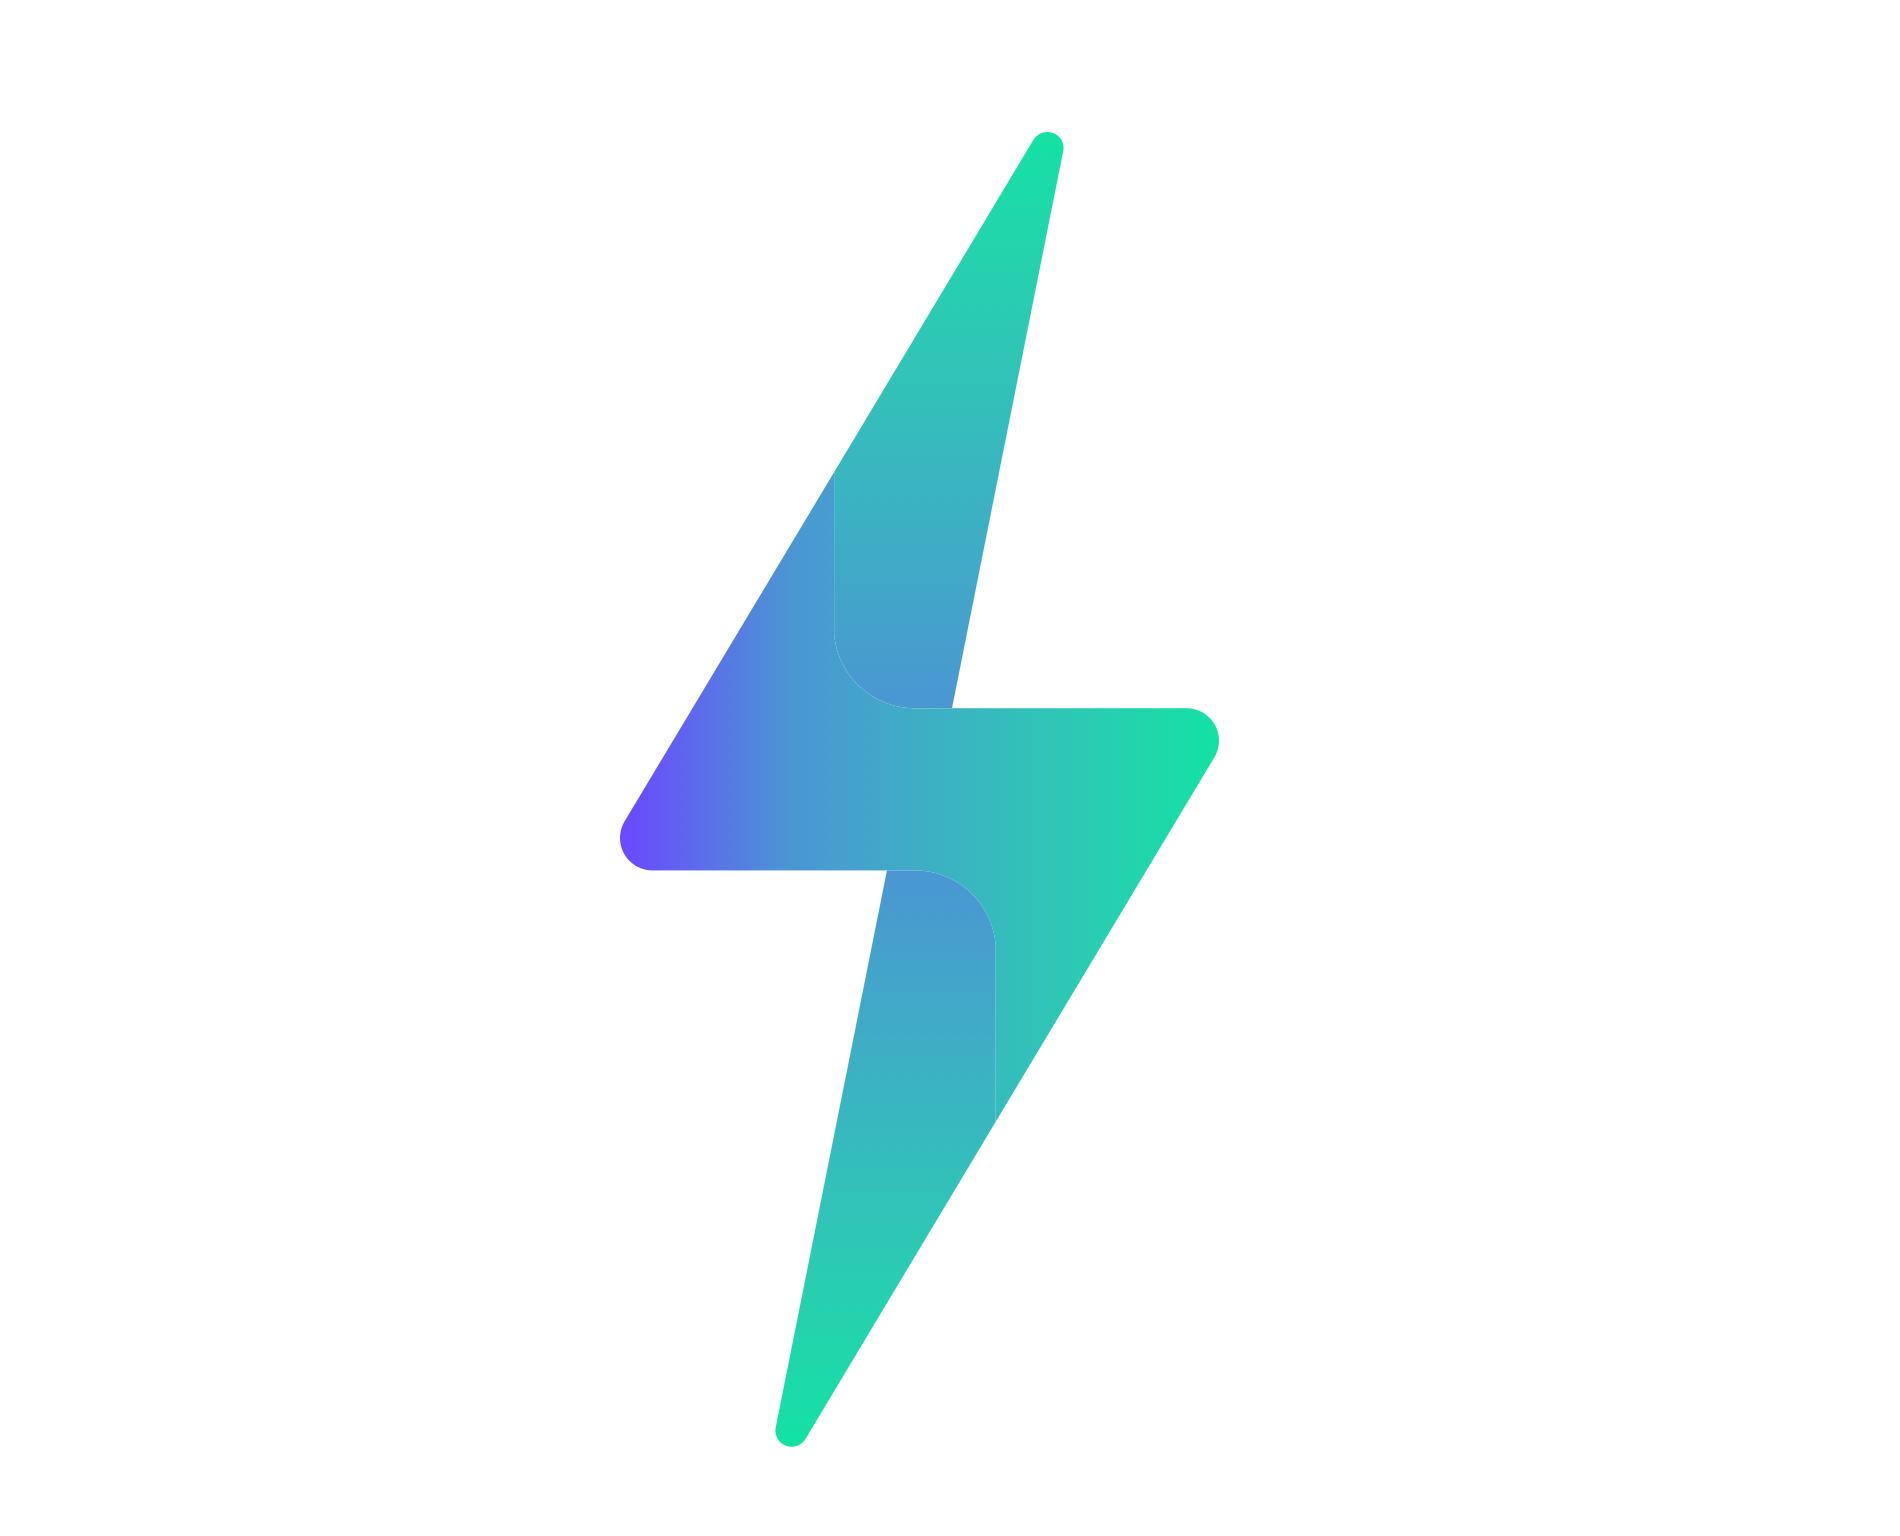 Jolt logo